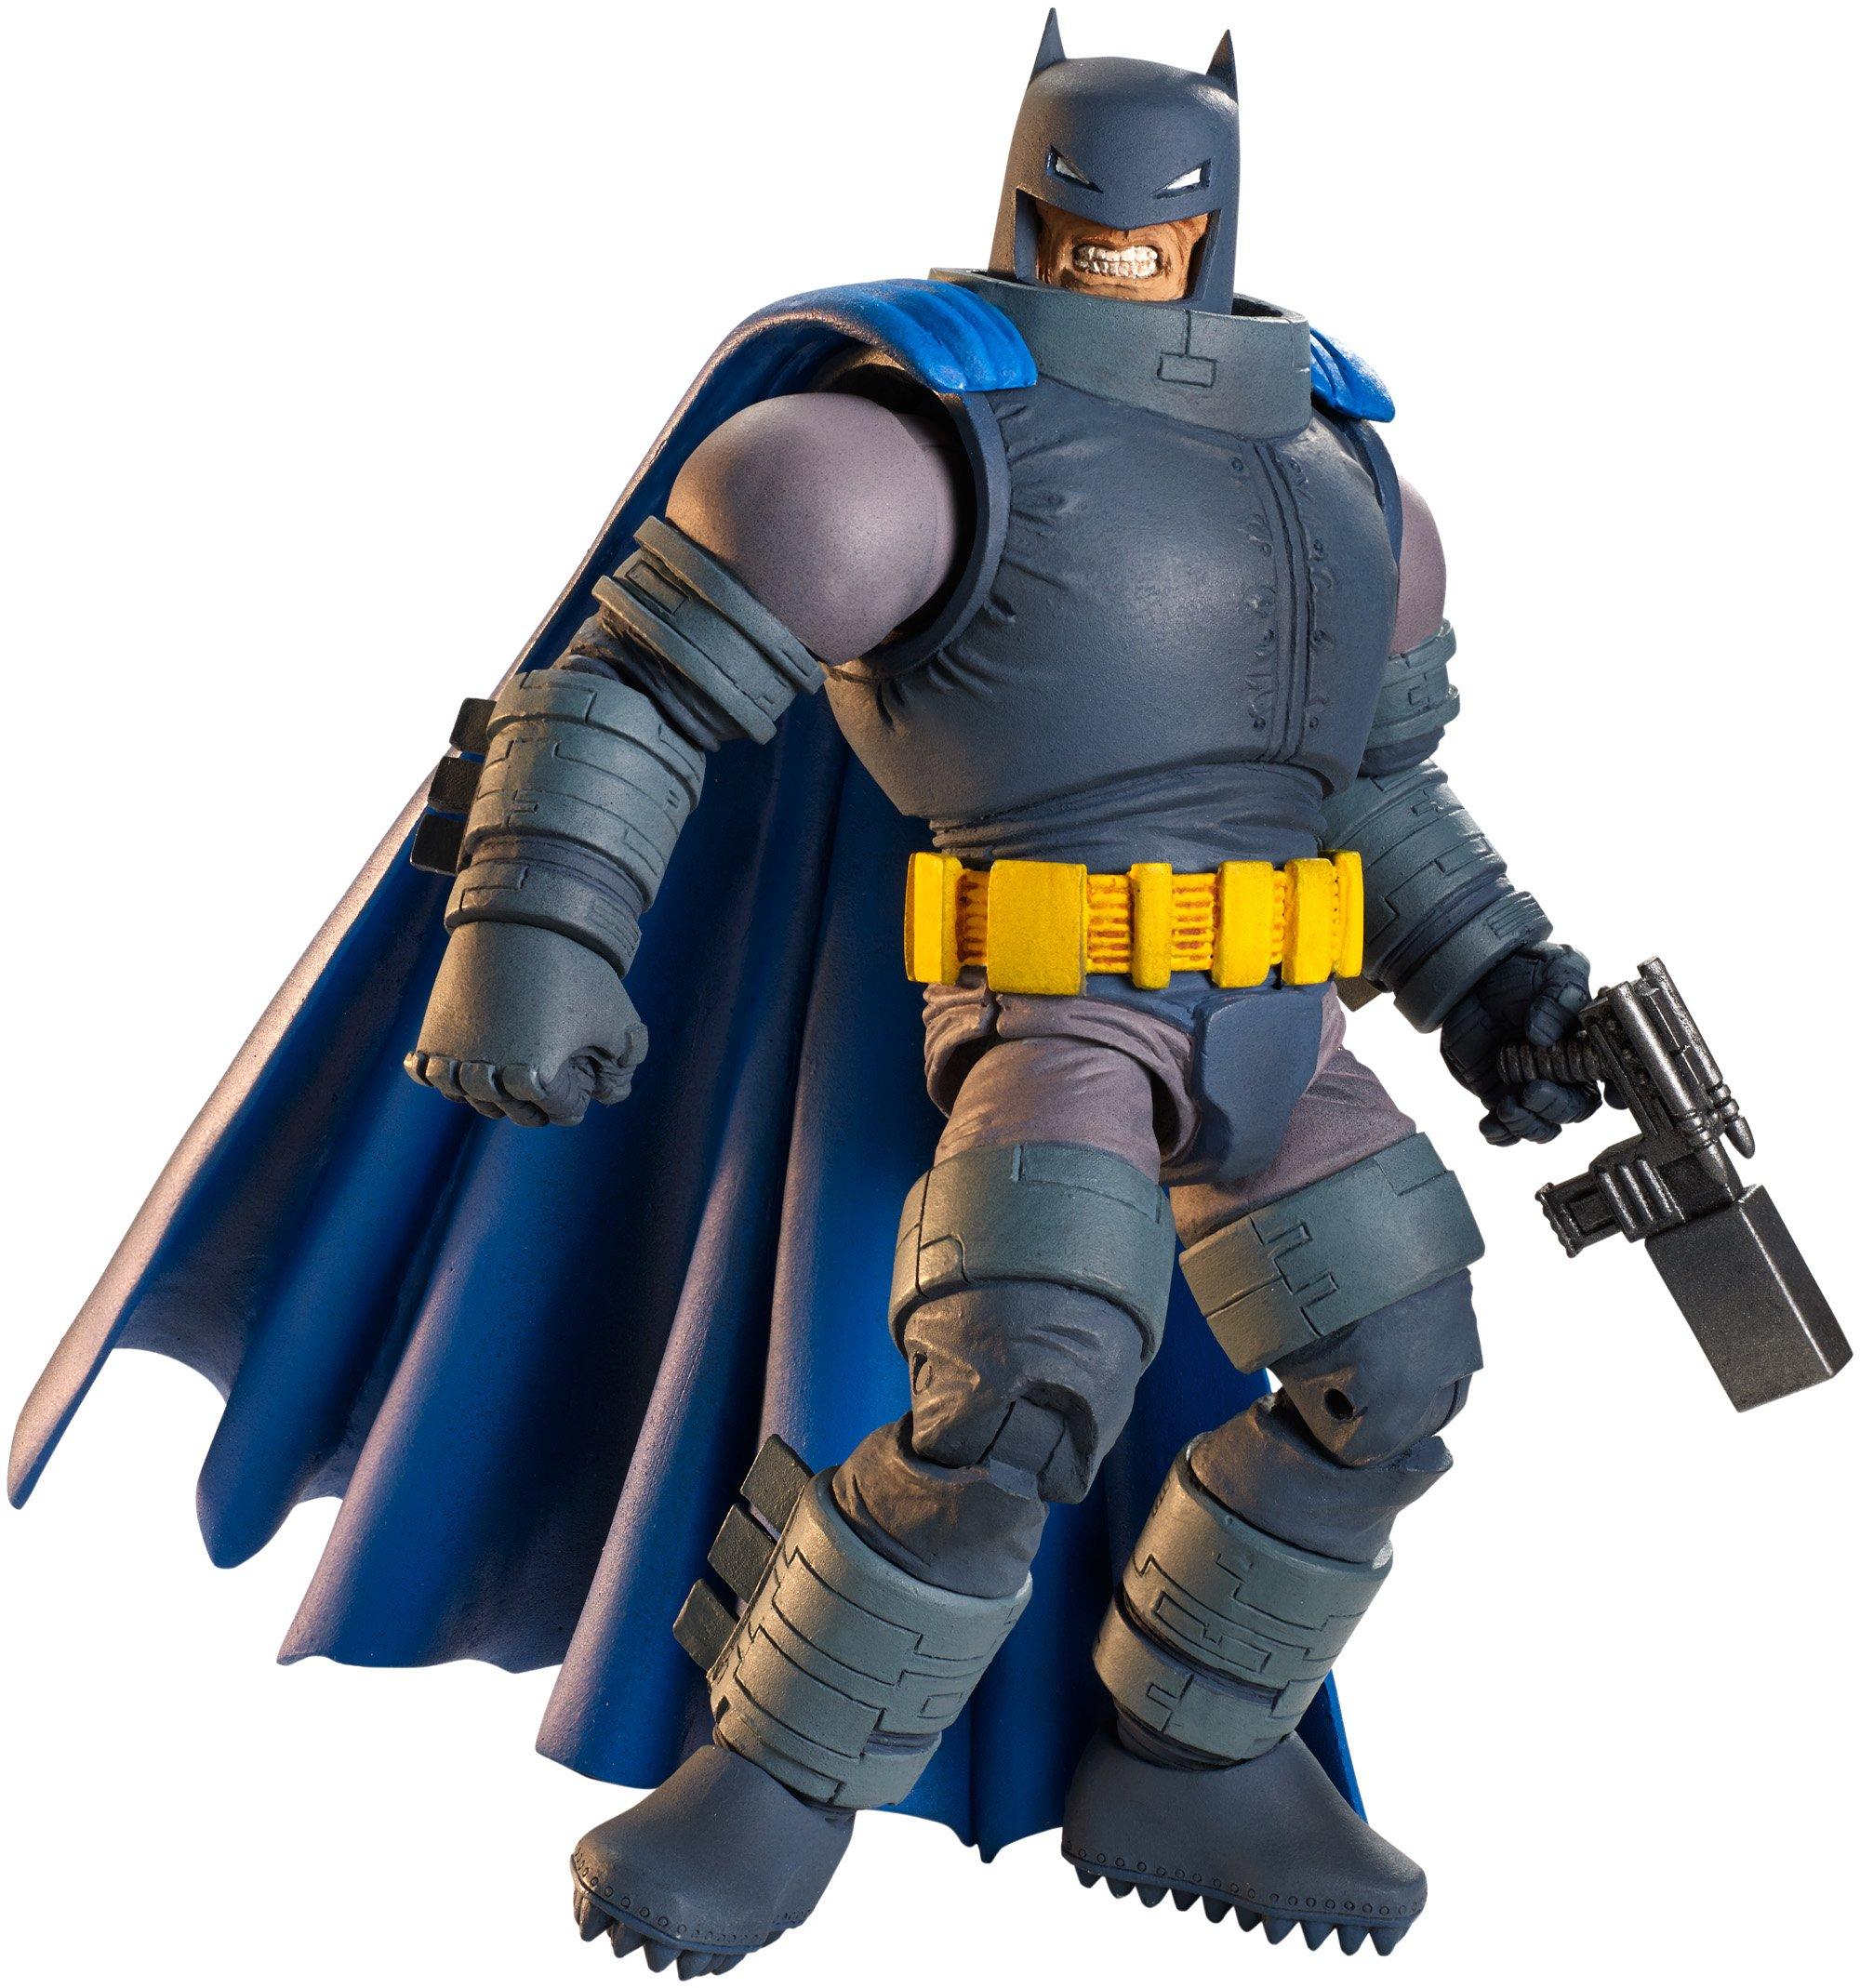 DC Comics Multiverse Armored Batman Figure